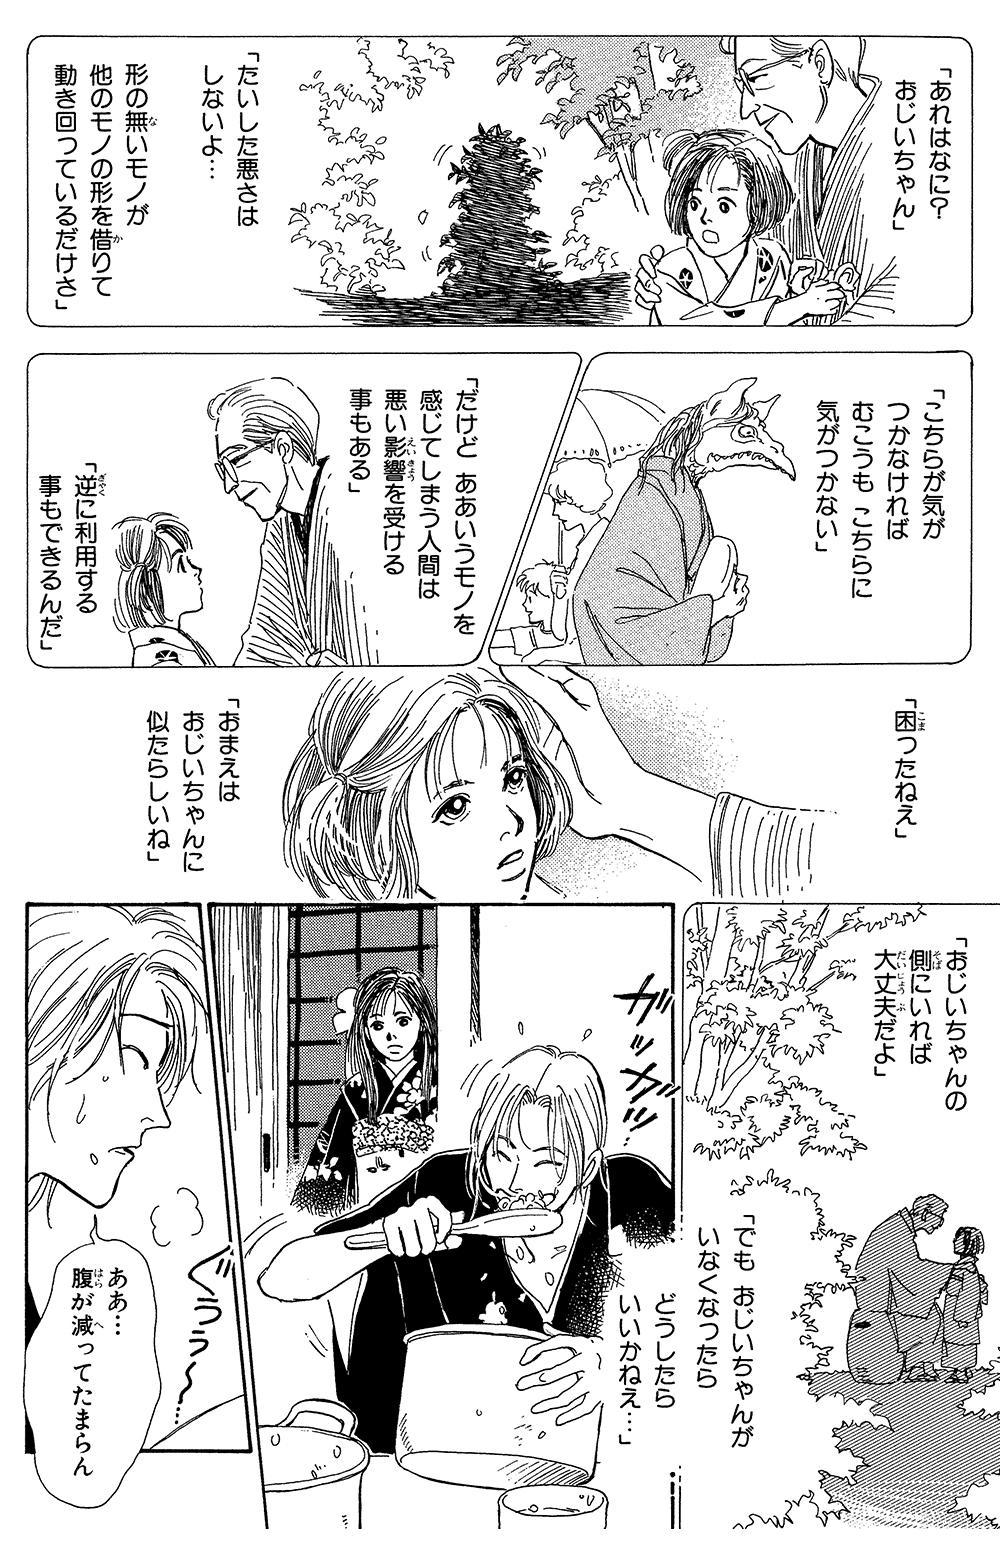 百鬼夜行抄 序章「精進おとしの客」hyakki08.jpg